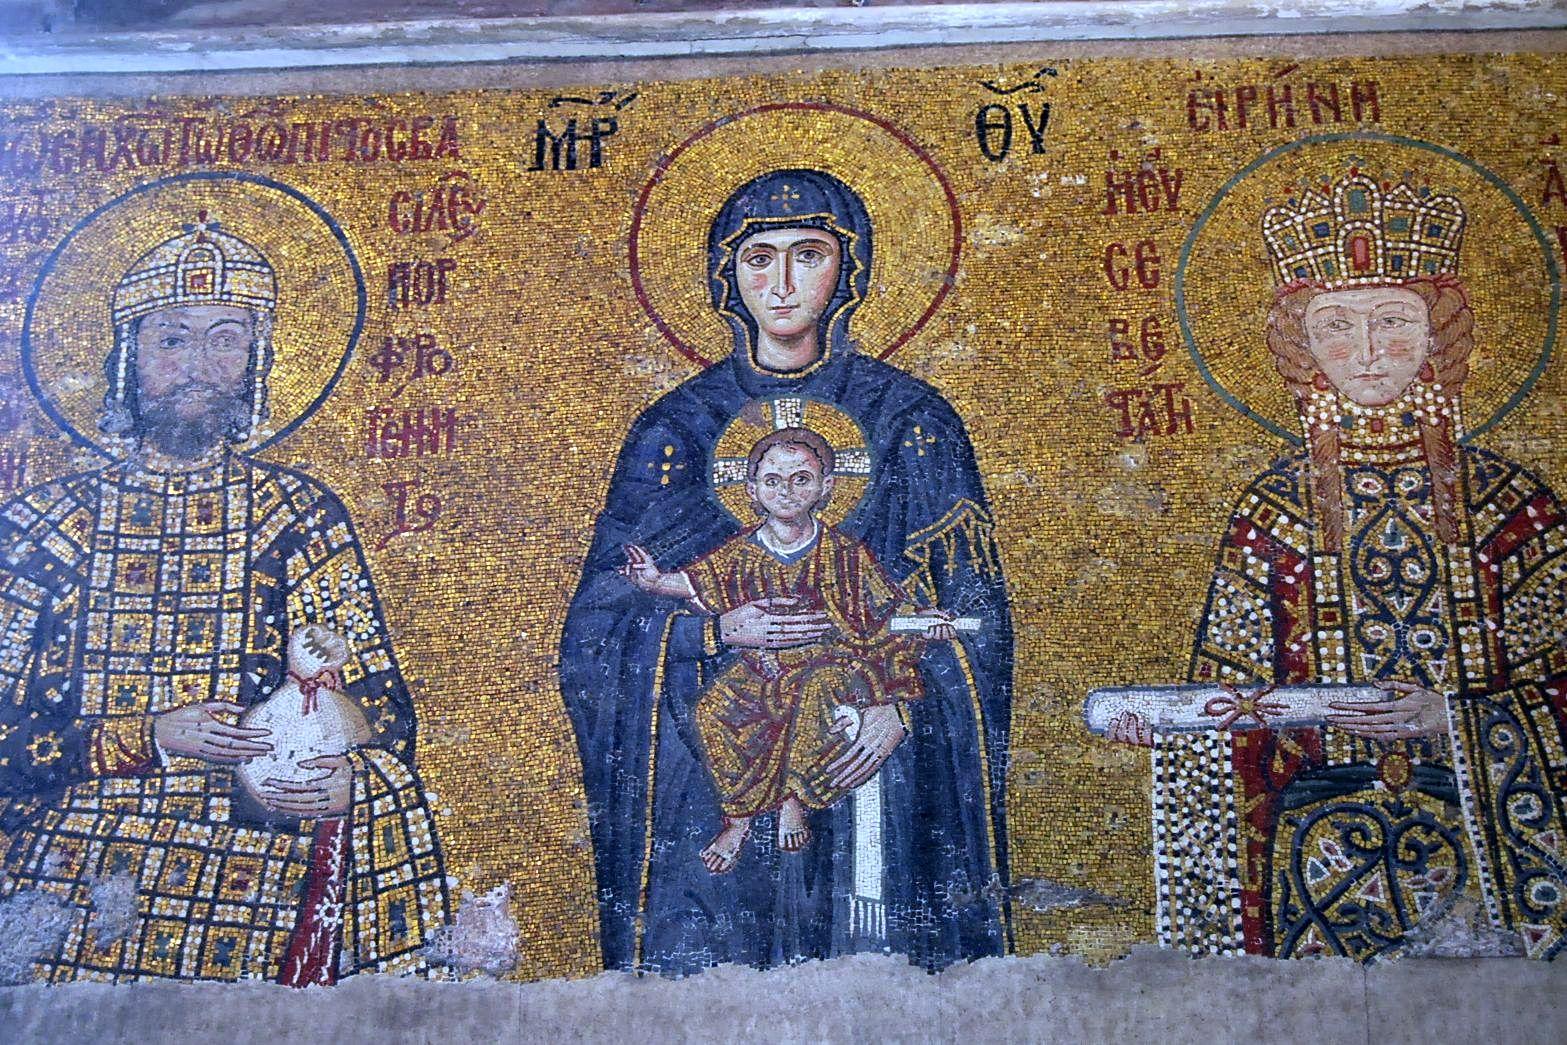 Hagia Sophia - the Comnenus mosaic